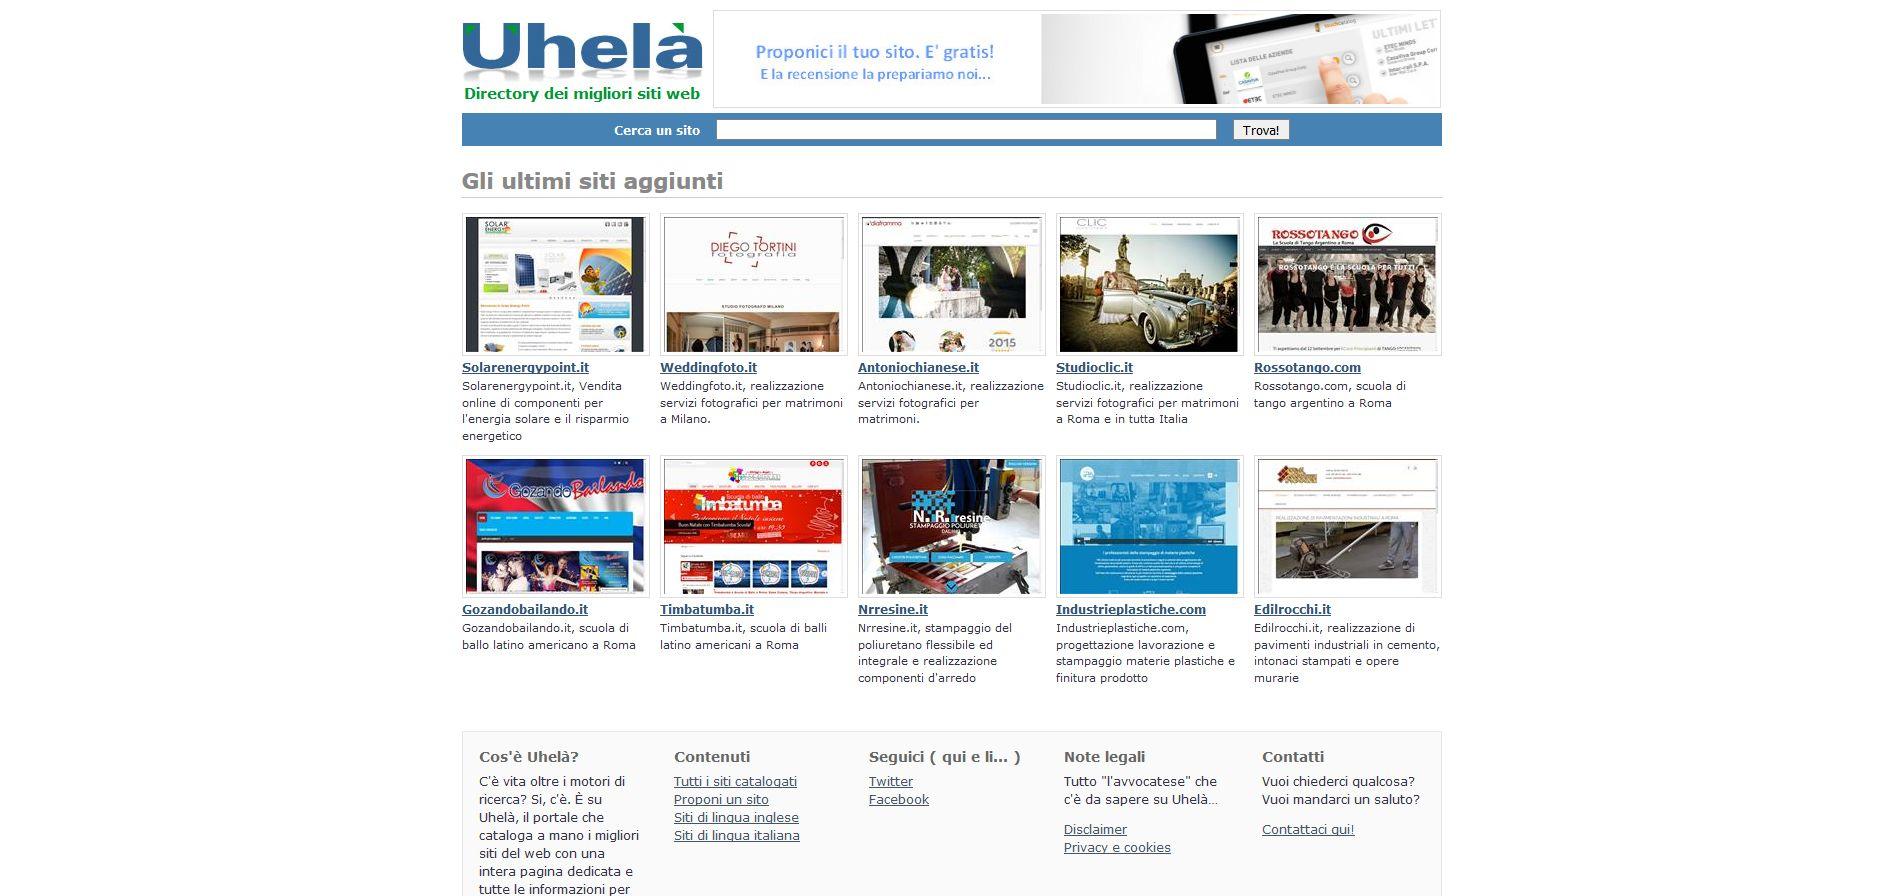 uhela_com.jpg